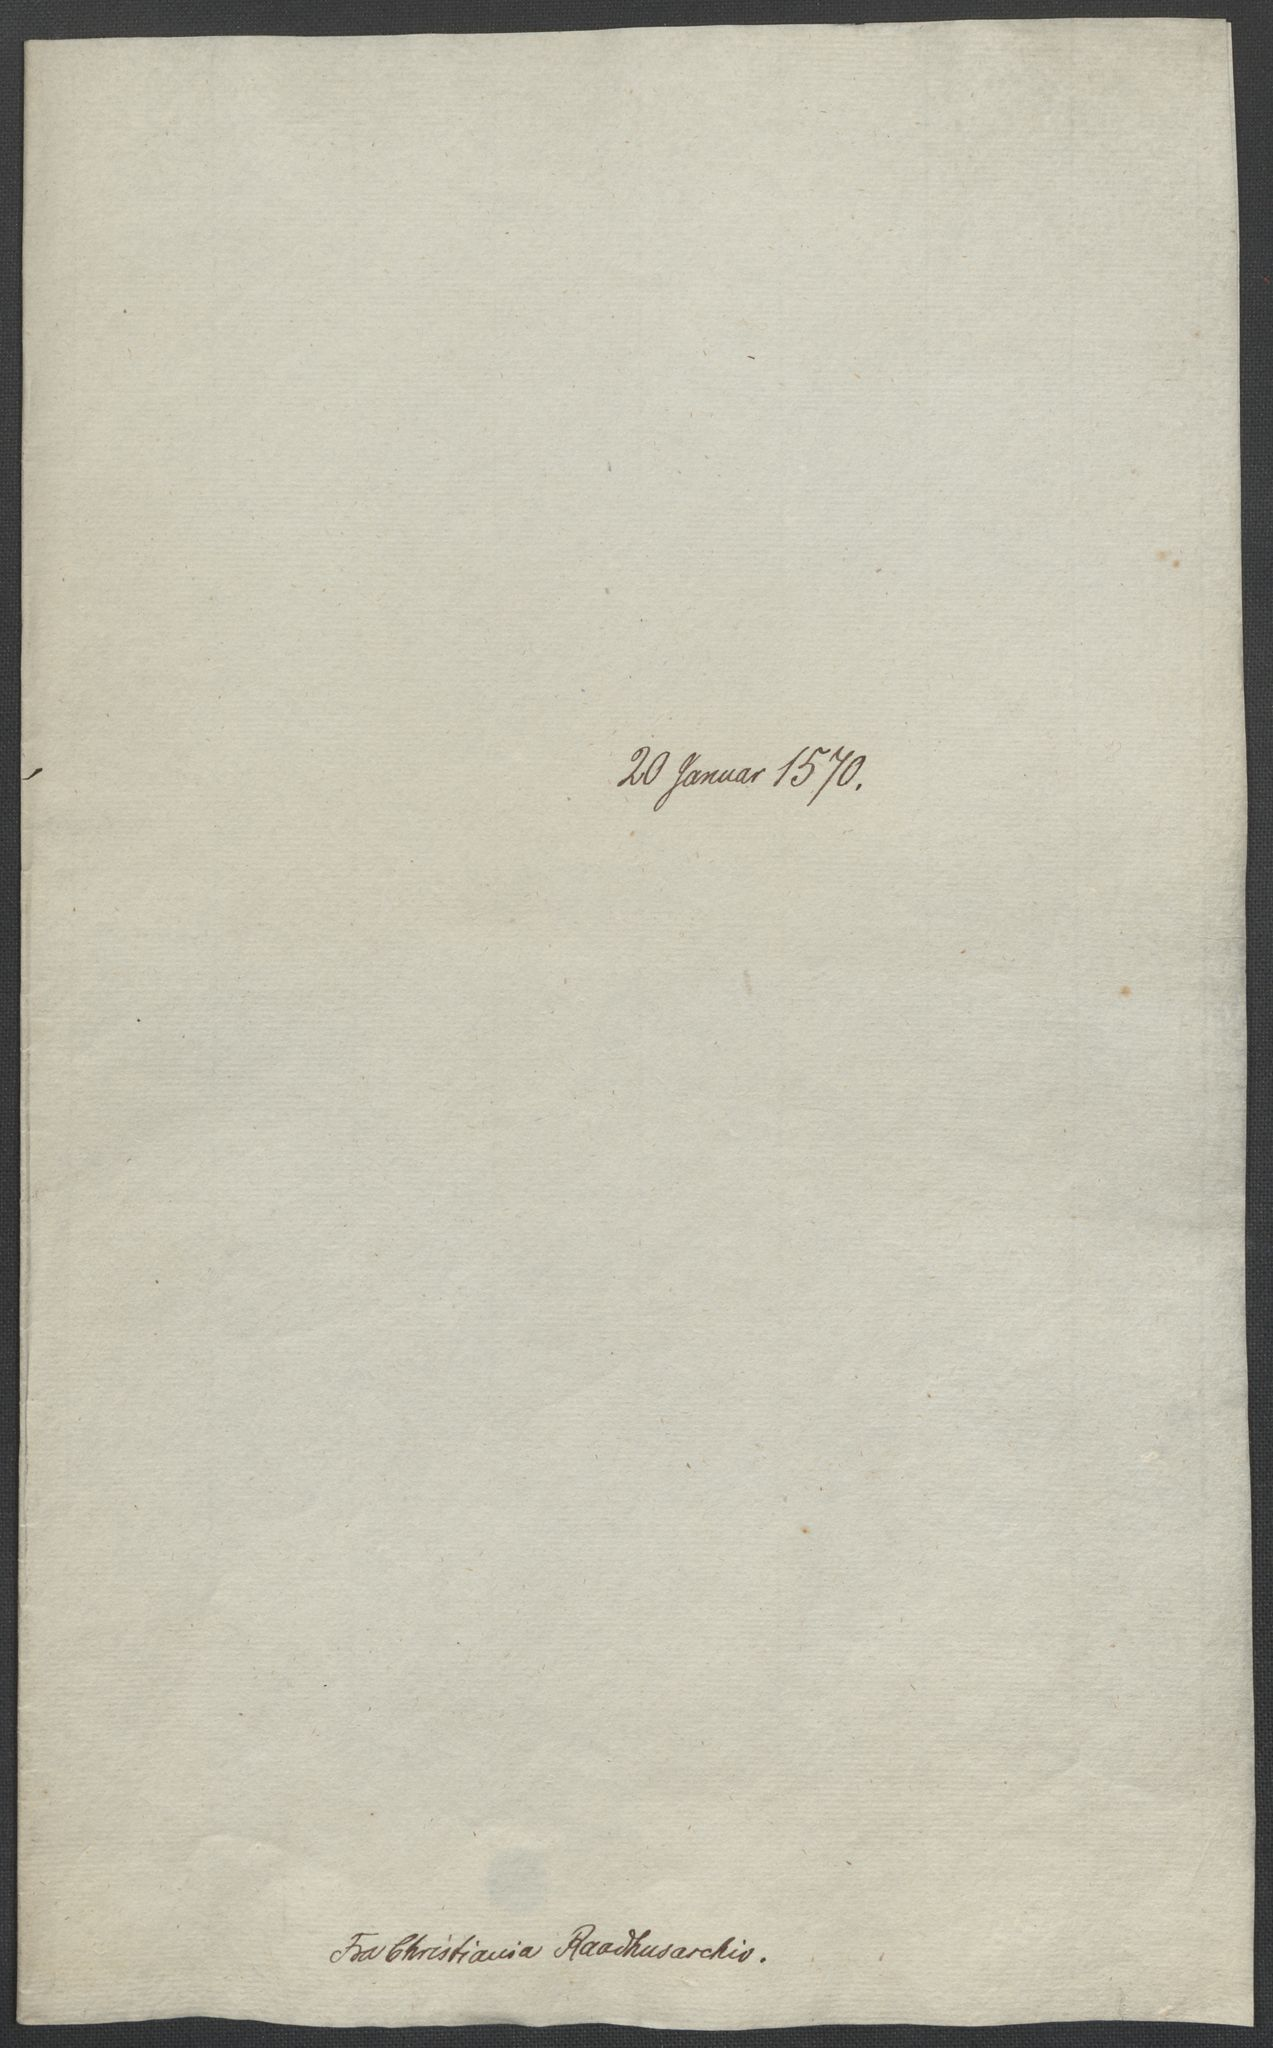 RA, Riksarkivets diplomsamling, F02/L0075: Dokumenter, 1570-1571, s. 3